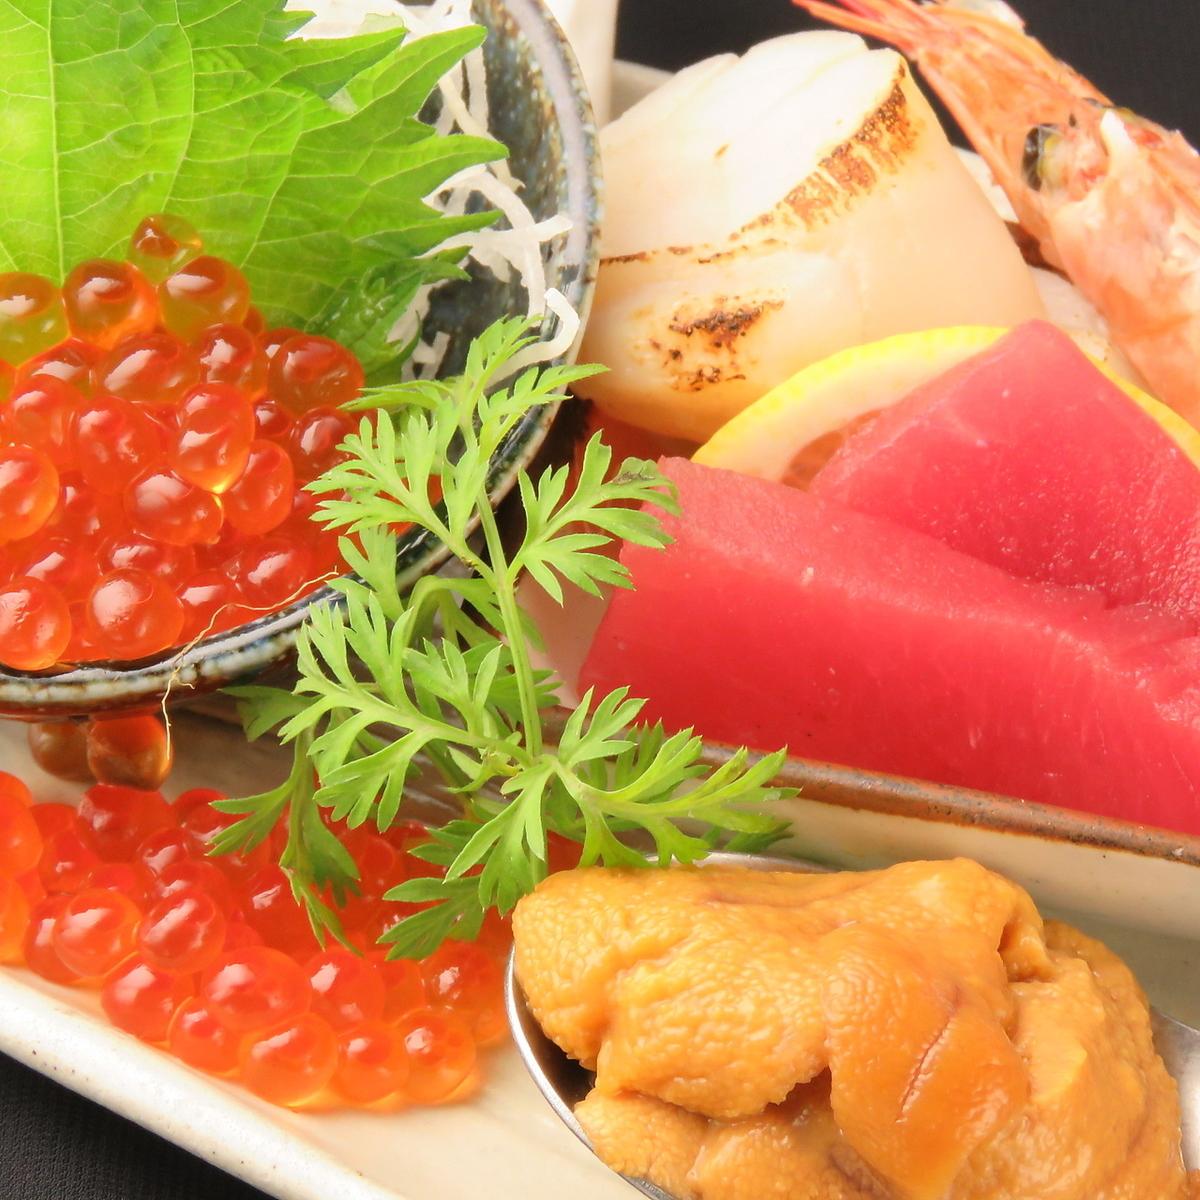 新鮮鮮魚の盛り合わせ(お刺身・カルパッチョ コース利用でいずれかお選び頂けます)